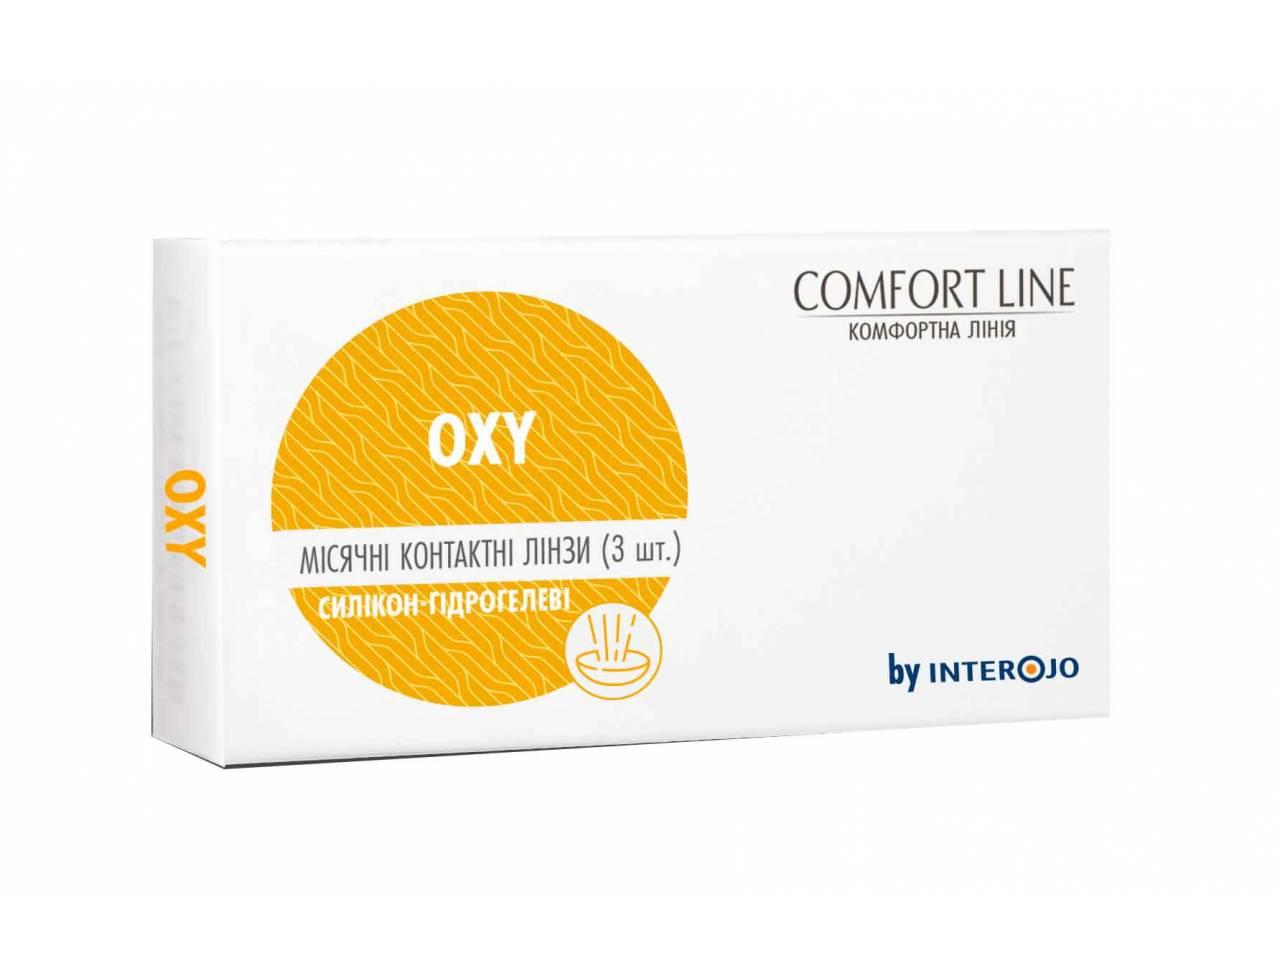 Месячные контактные линзы Interojo Oxy - Фото №7